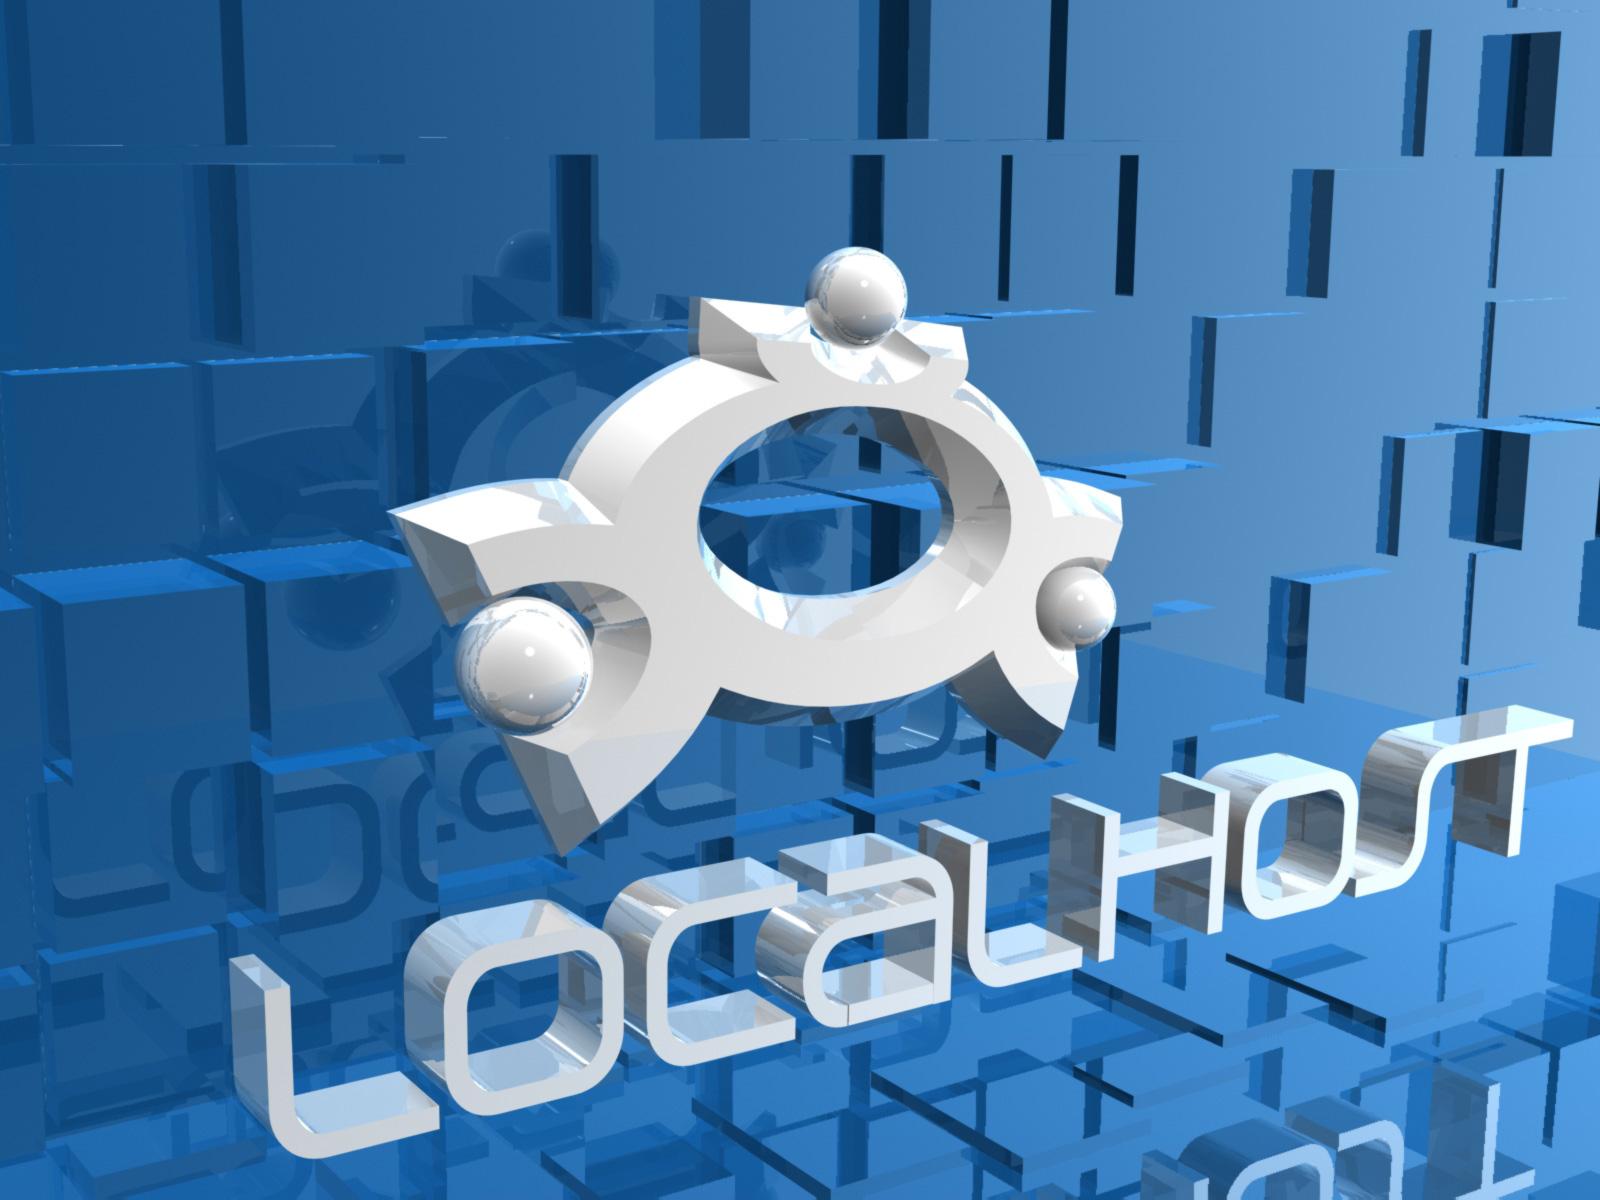 tai-sao-localhost-lai-co-dia-chi-ip-la-127-0-0-1-2